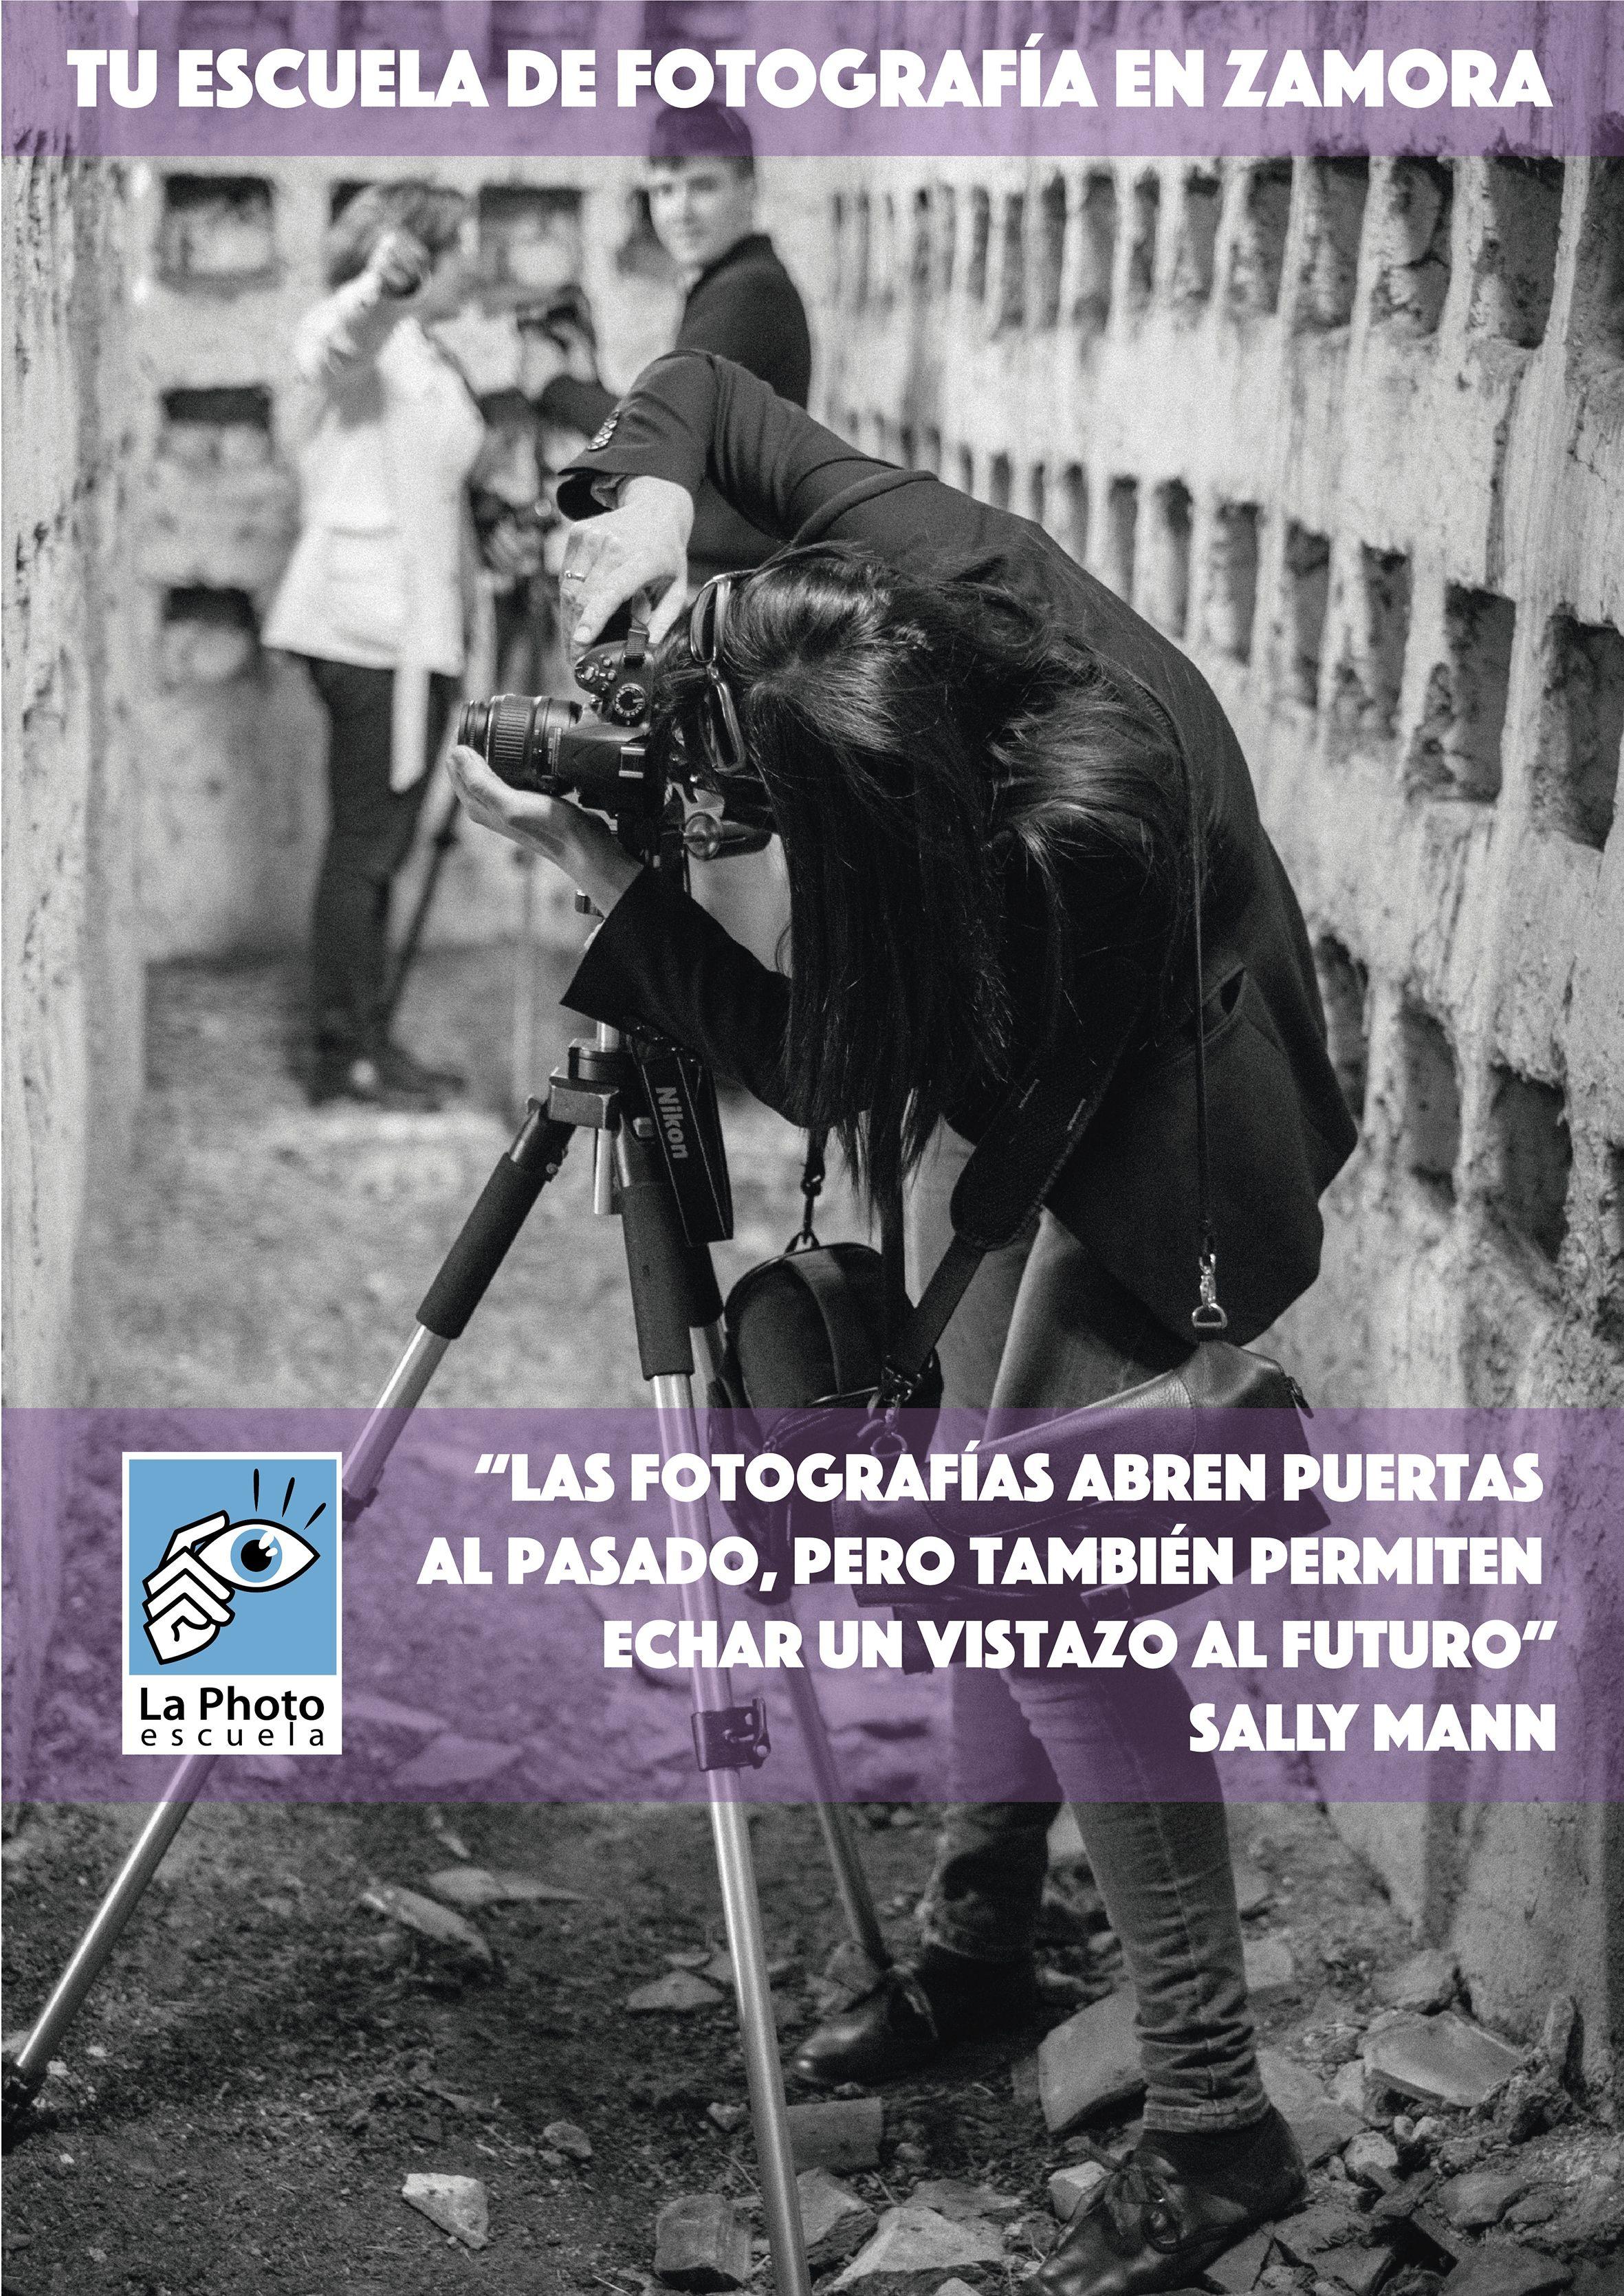 Las fotografías abren puertas al pasado, pero tambien permiten echar un vistazo al futuro. Sally Mann